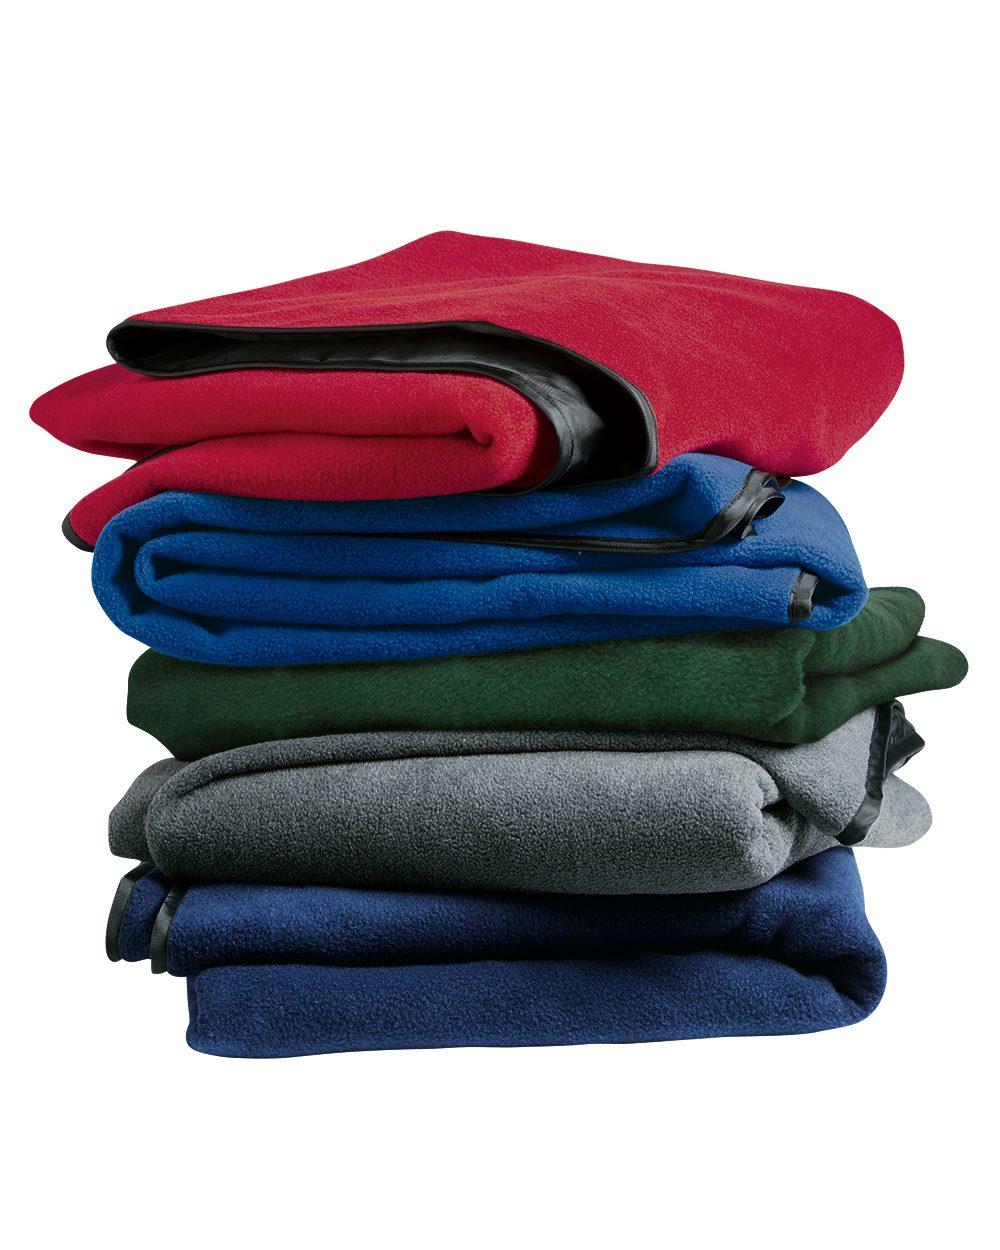 Colorado Clothing 0820 Waterproof RecPak Blanket